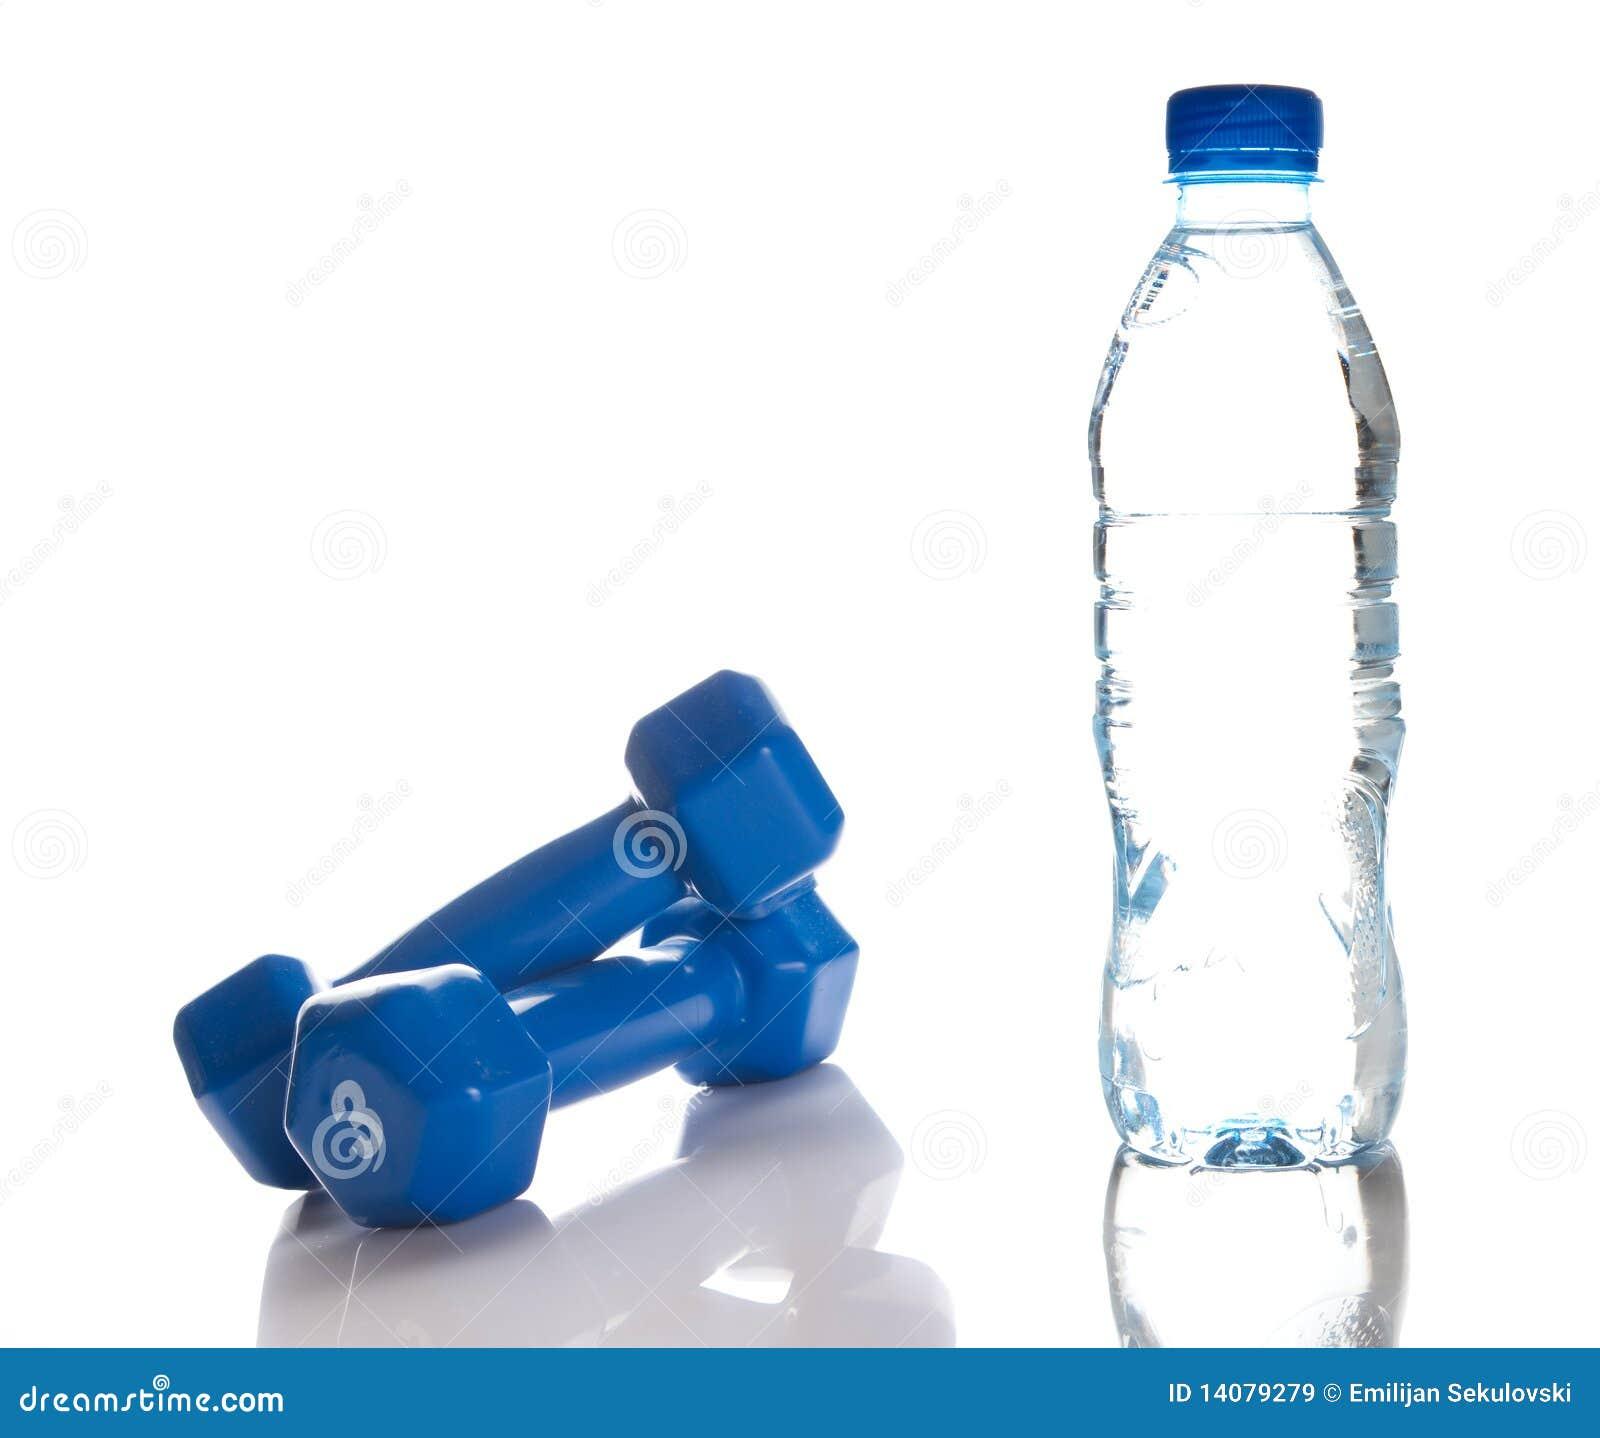 его функция красивые картинки бутылка воды гантеля прориенце именно время, когда